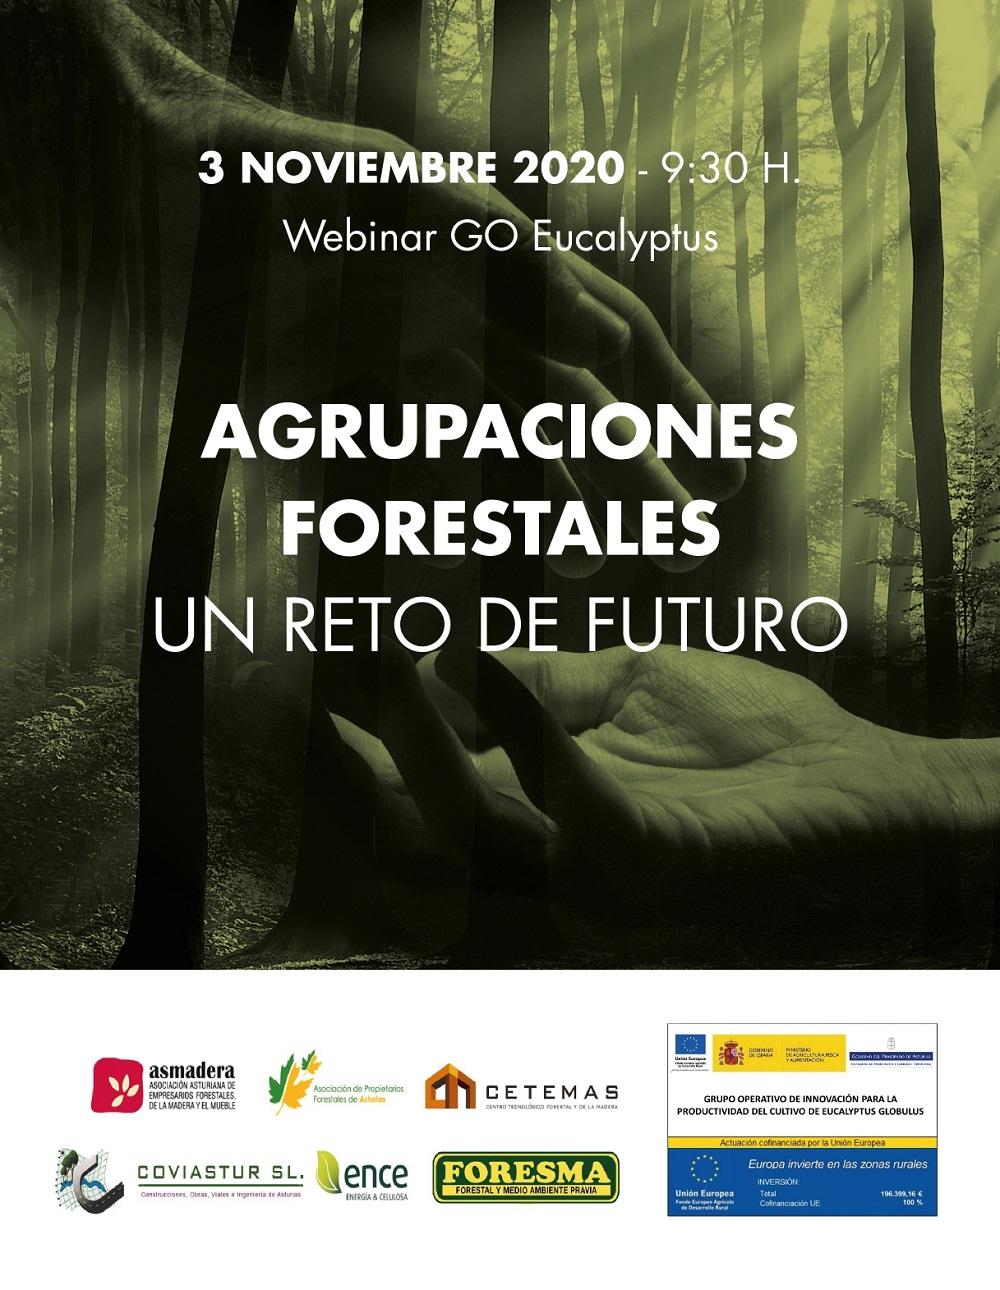 Agrupaciones forestales